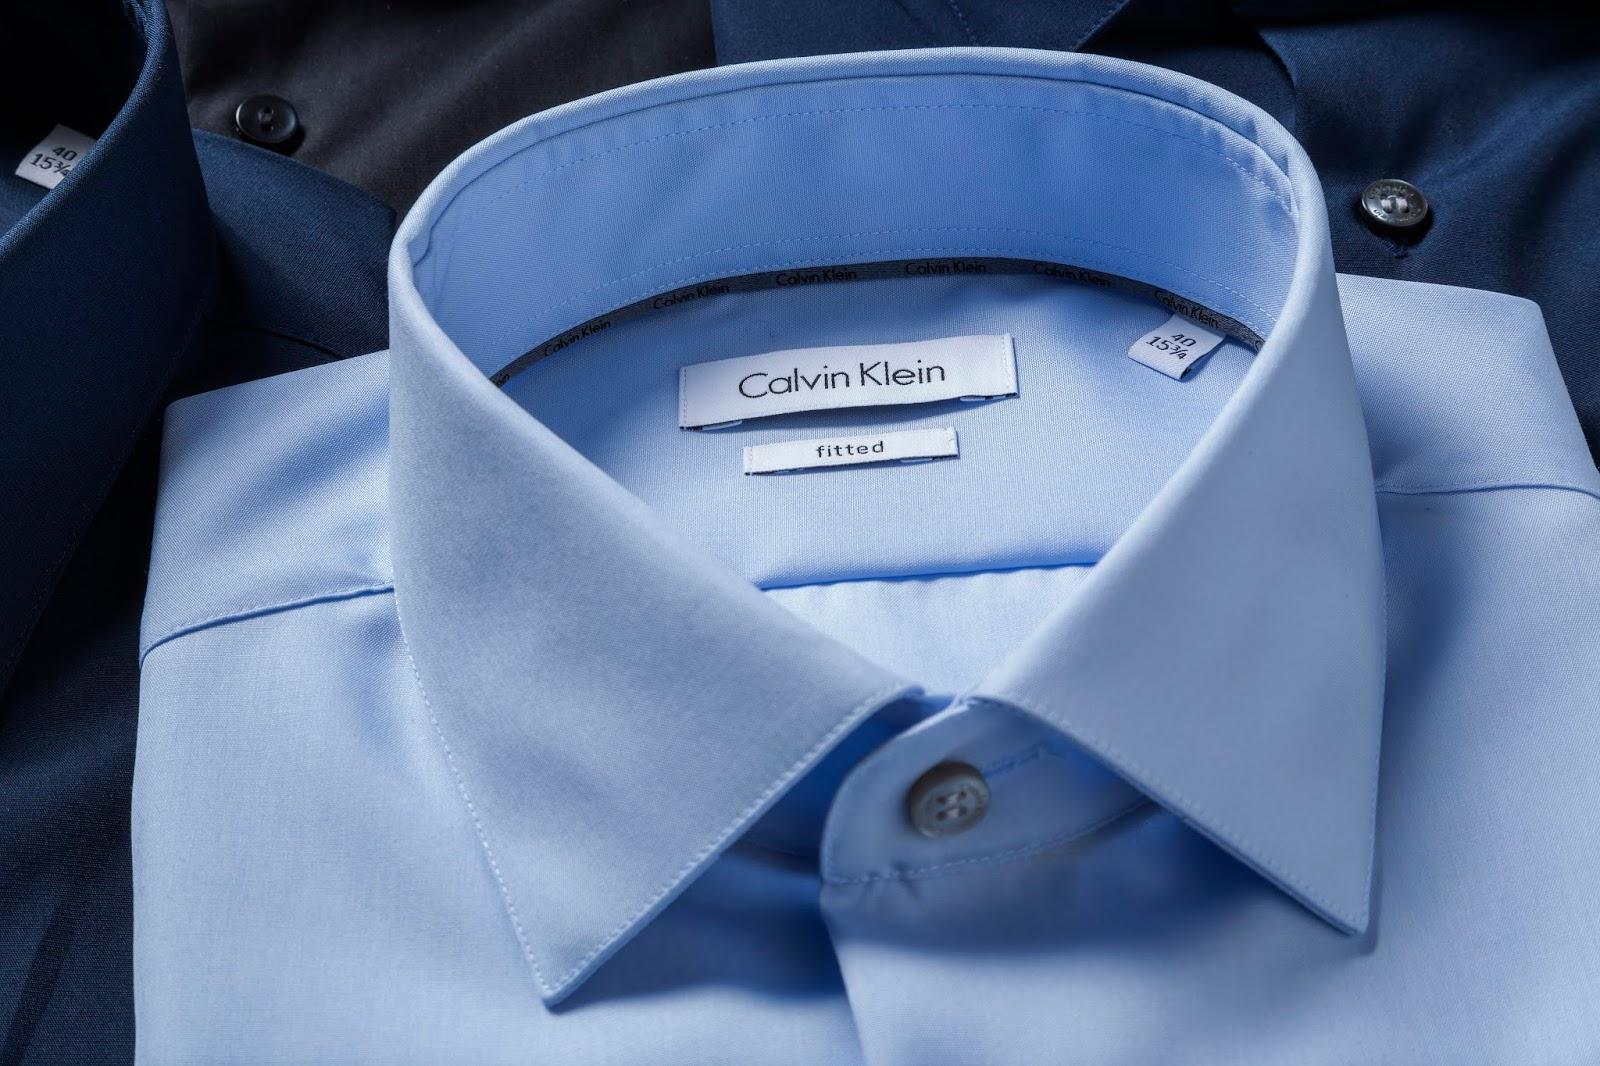 Overhemd Voor Hem.Theloveforpink Fashion Een Man In Een Overhemd Win Gesloten